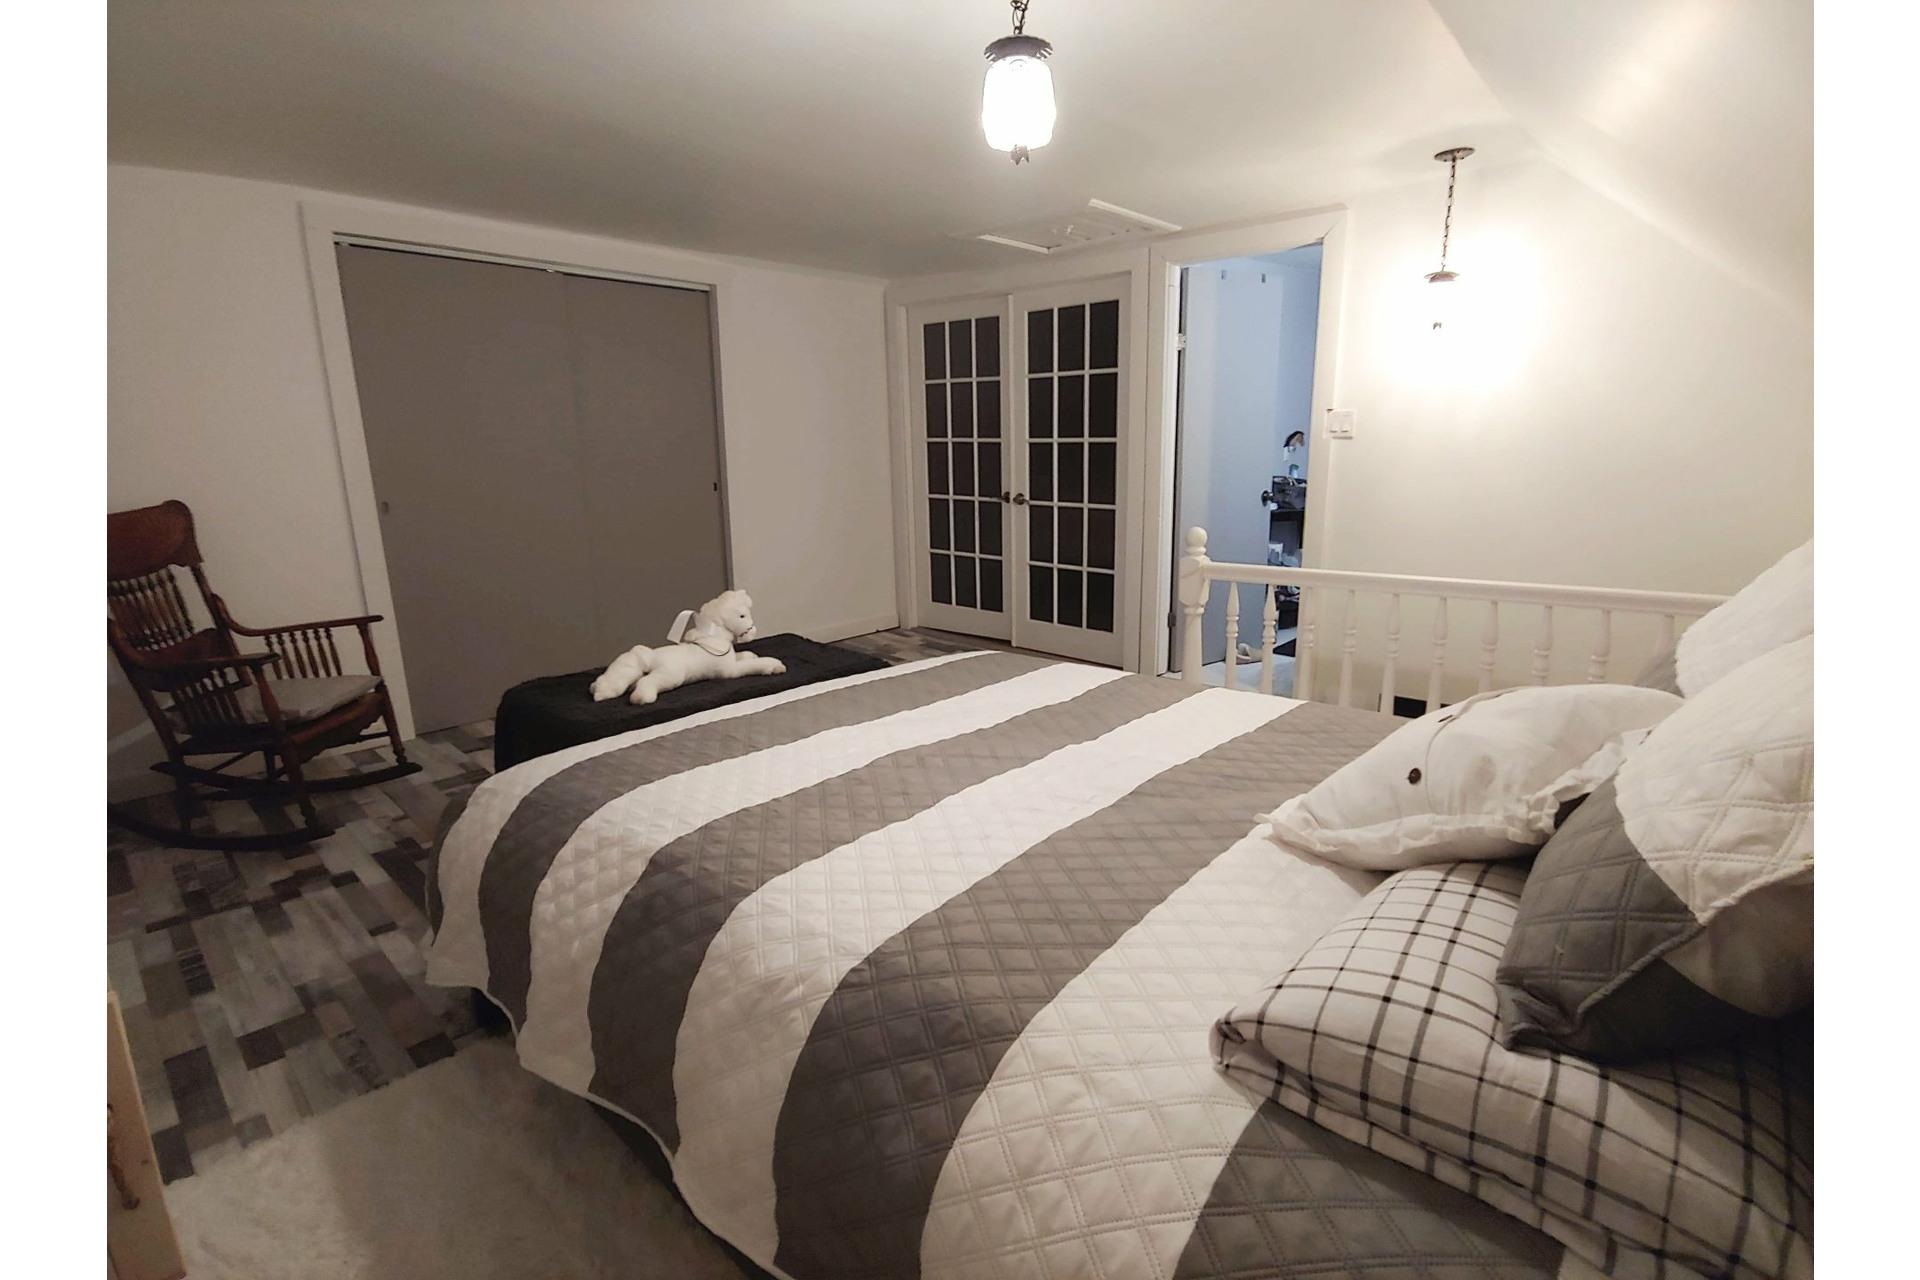 image 8 - Farmhouse For sale Notre-Dame-du-Bon-Conseil - Paroisse - 5 rooms